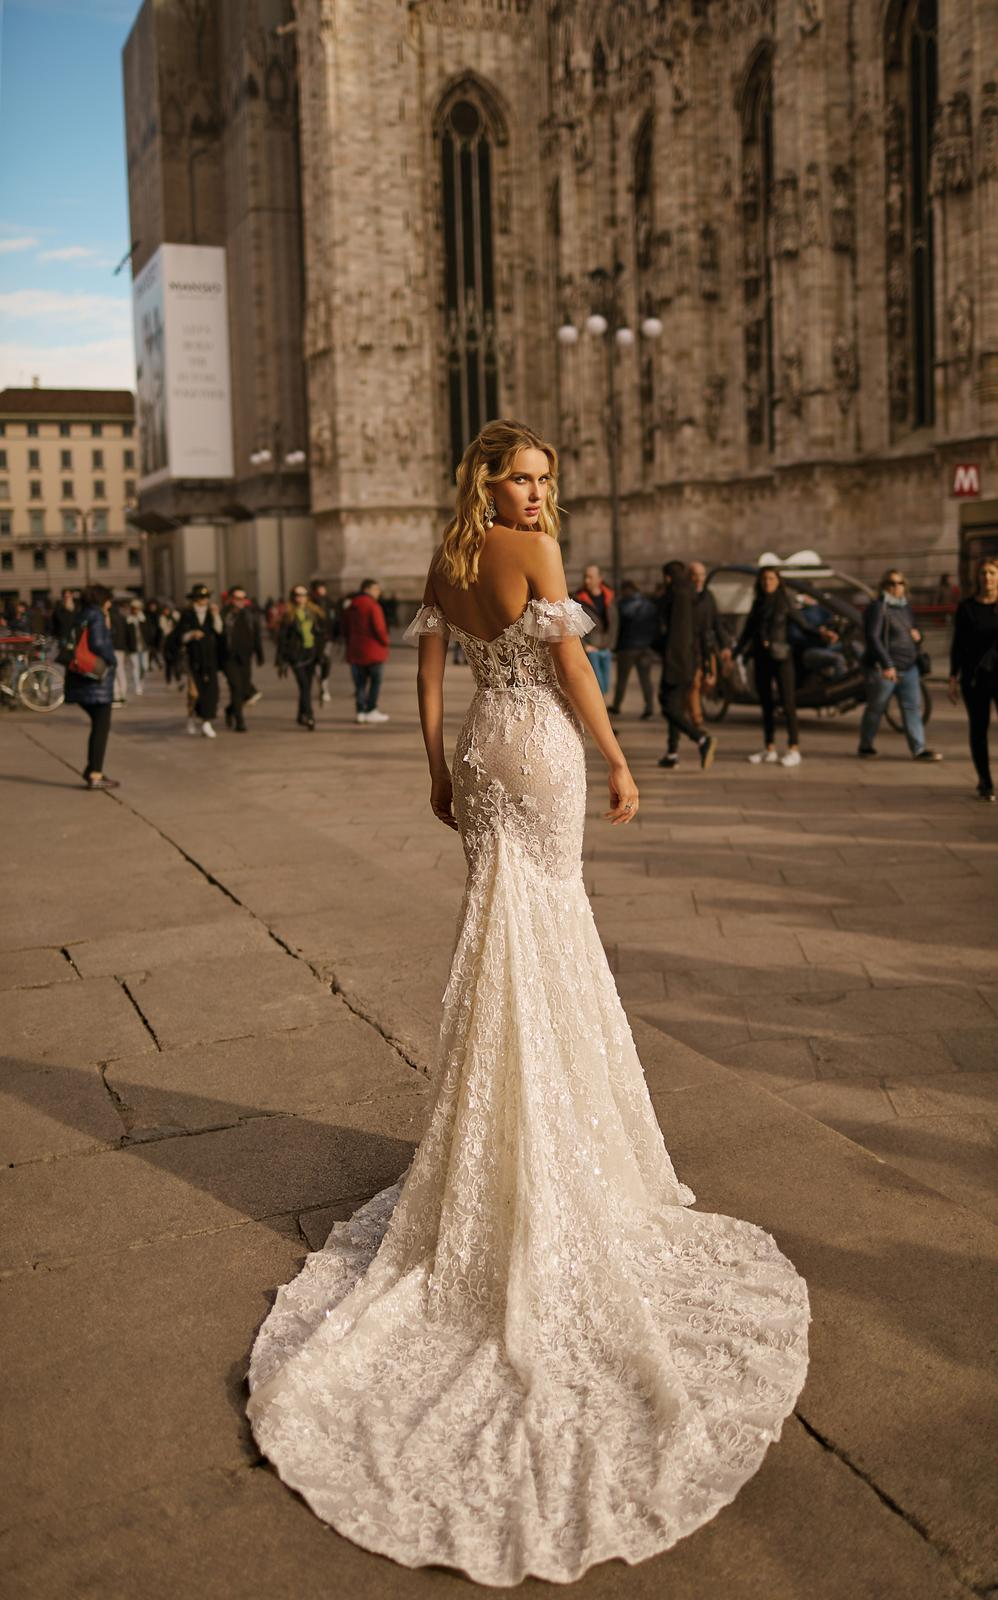 Svadobné šaty jar/leto 2020 BERTA Miláno - Obrázok č. 29